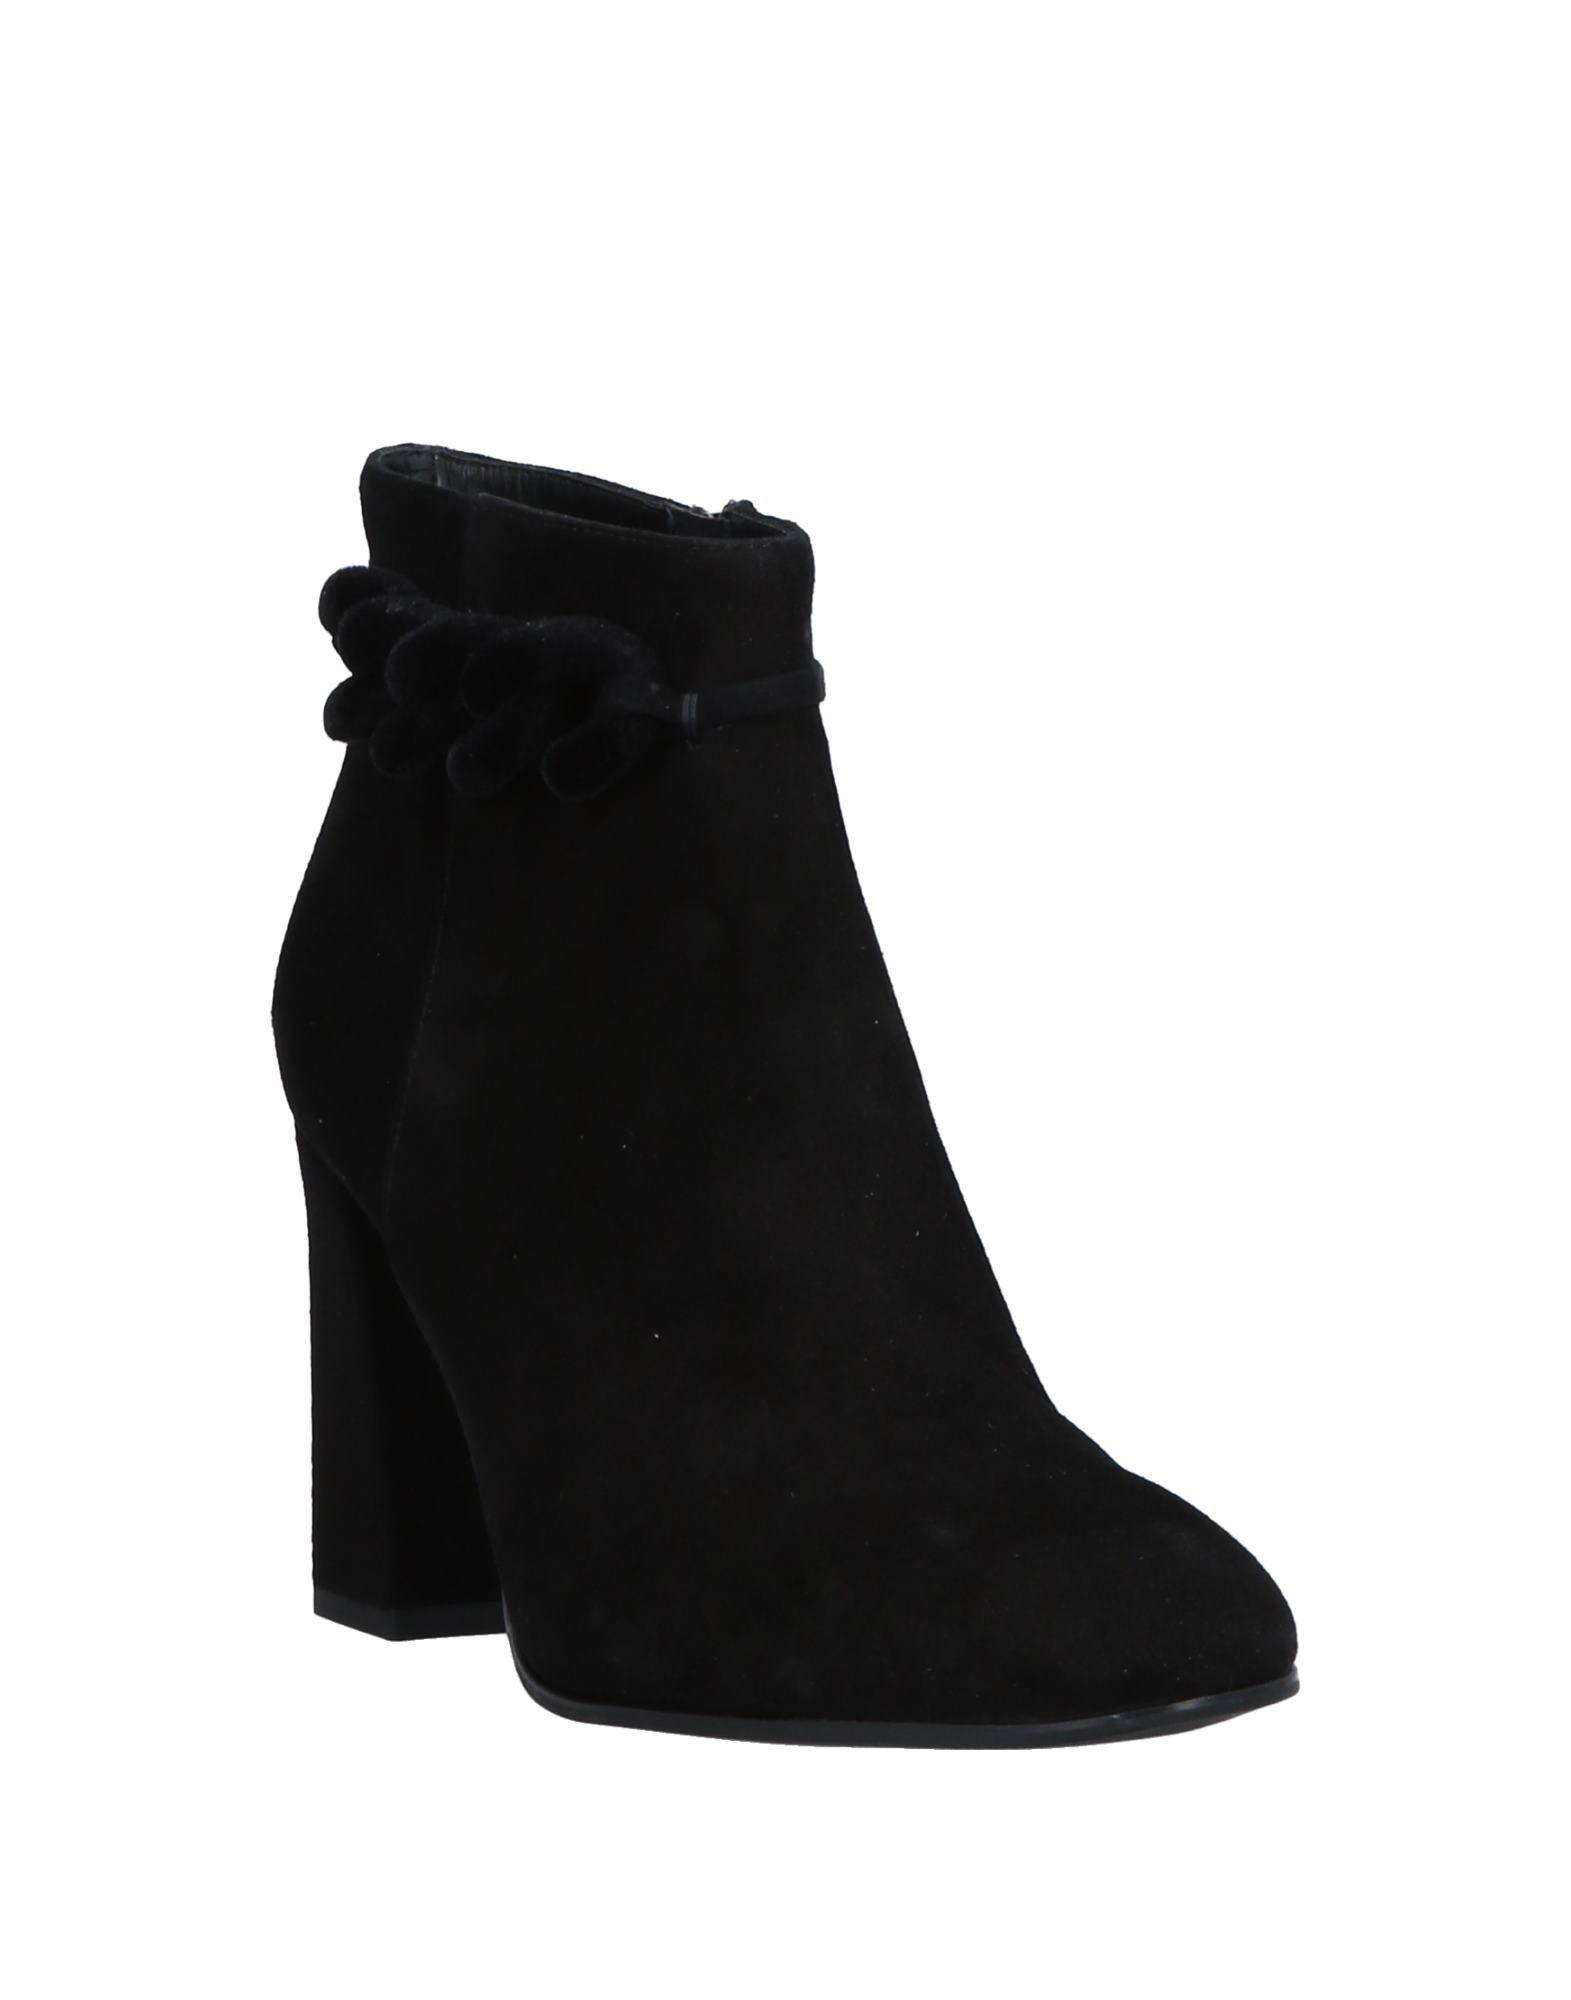 Fabi Stiefelette strapazierfähige Damen  11536212FXGut aussehende strapazierfähige Stiefelette Schuhe 189026